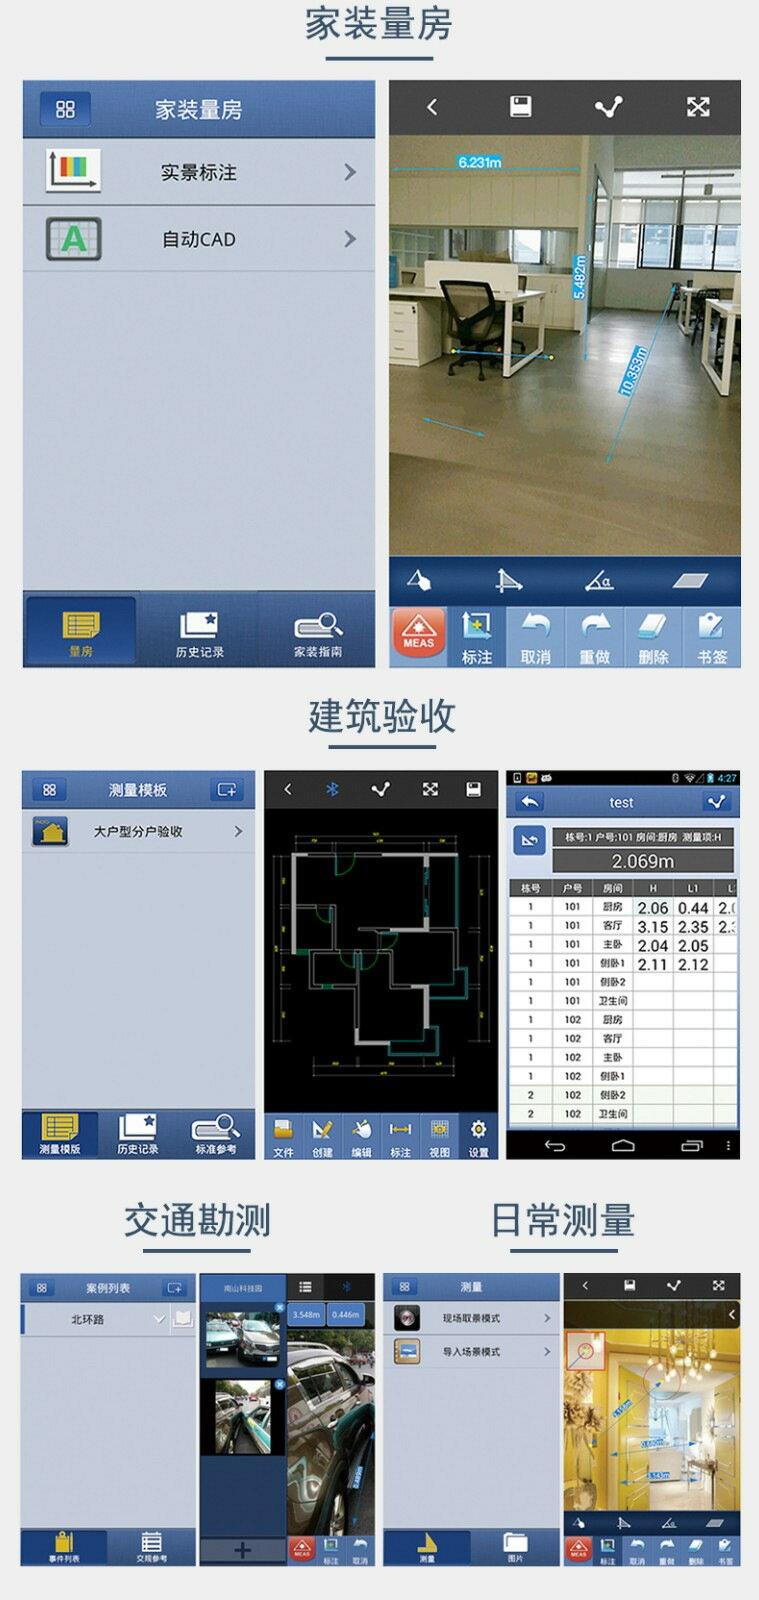 30米激光紅外電子測距儀LDM-30家裝量房智能